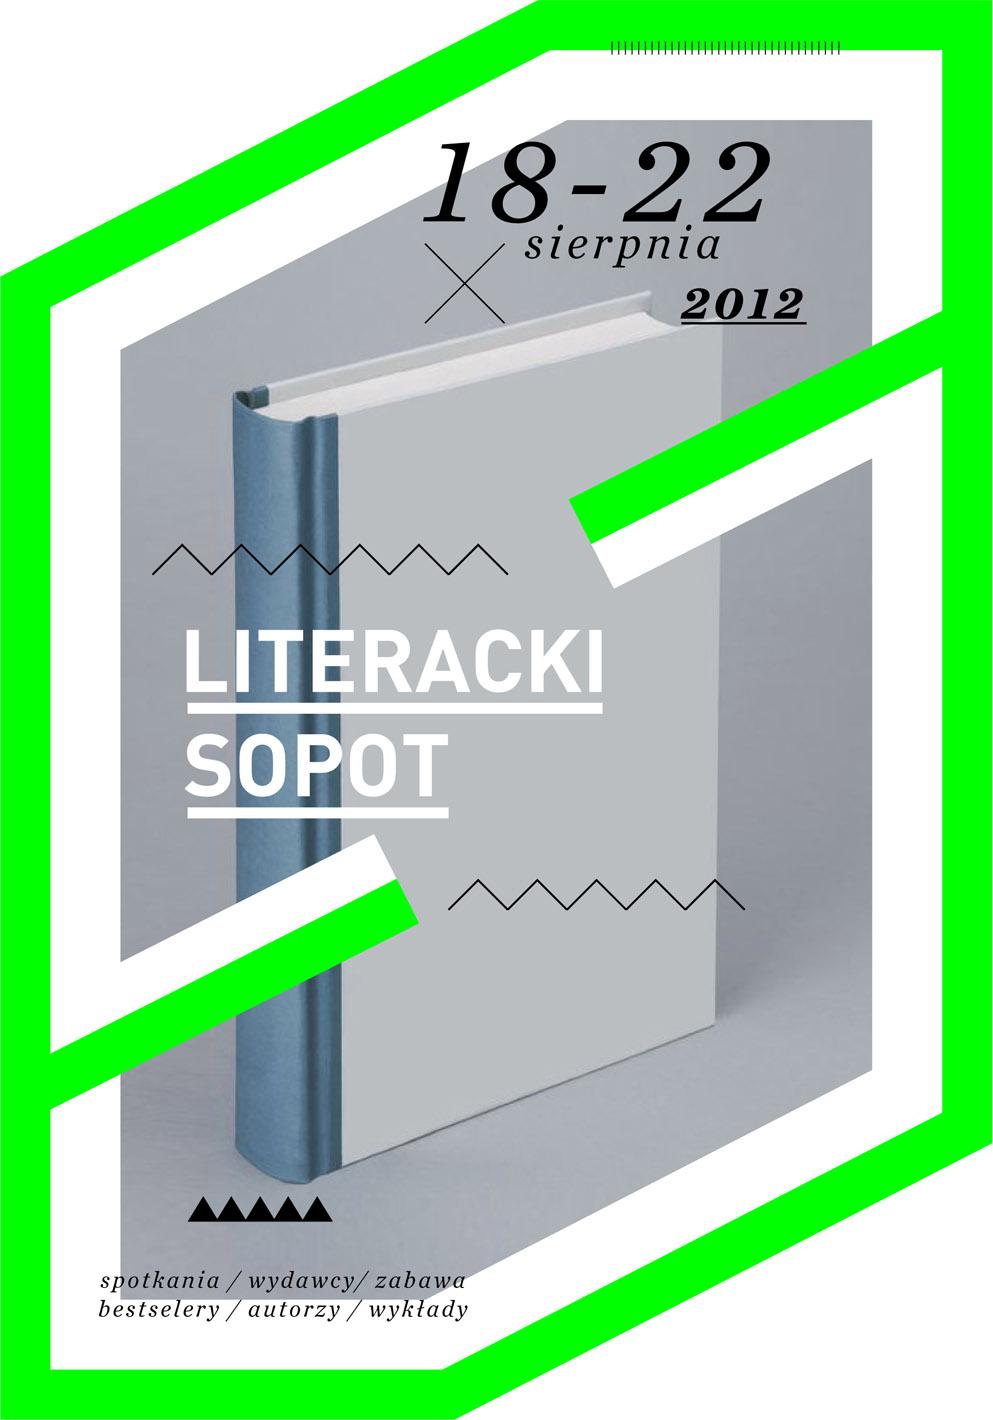 Literacki_Sopot_p1